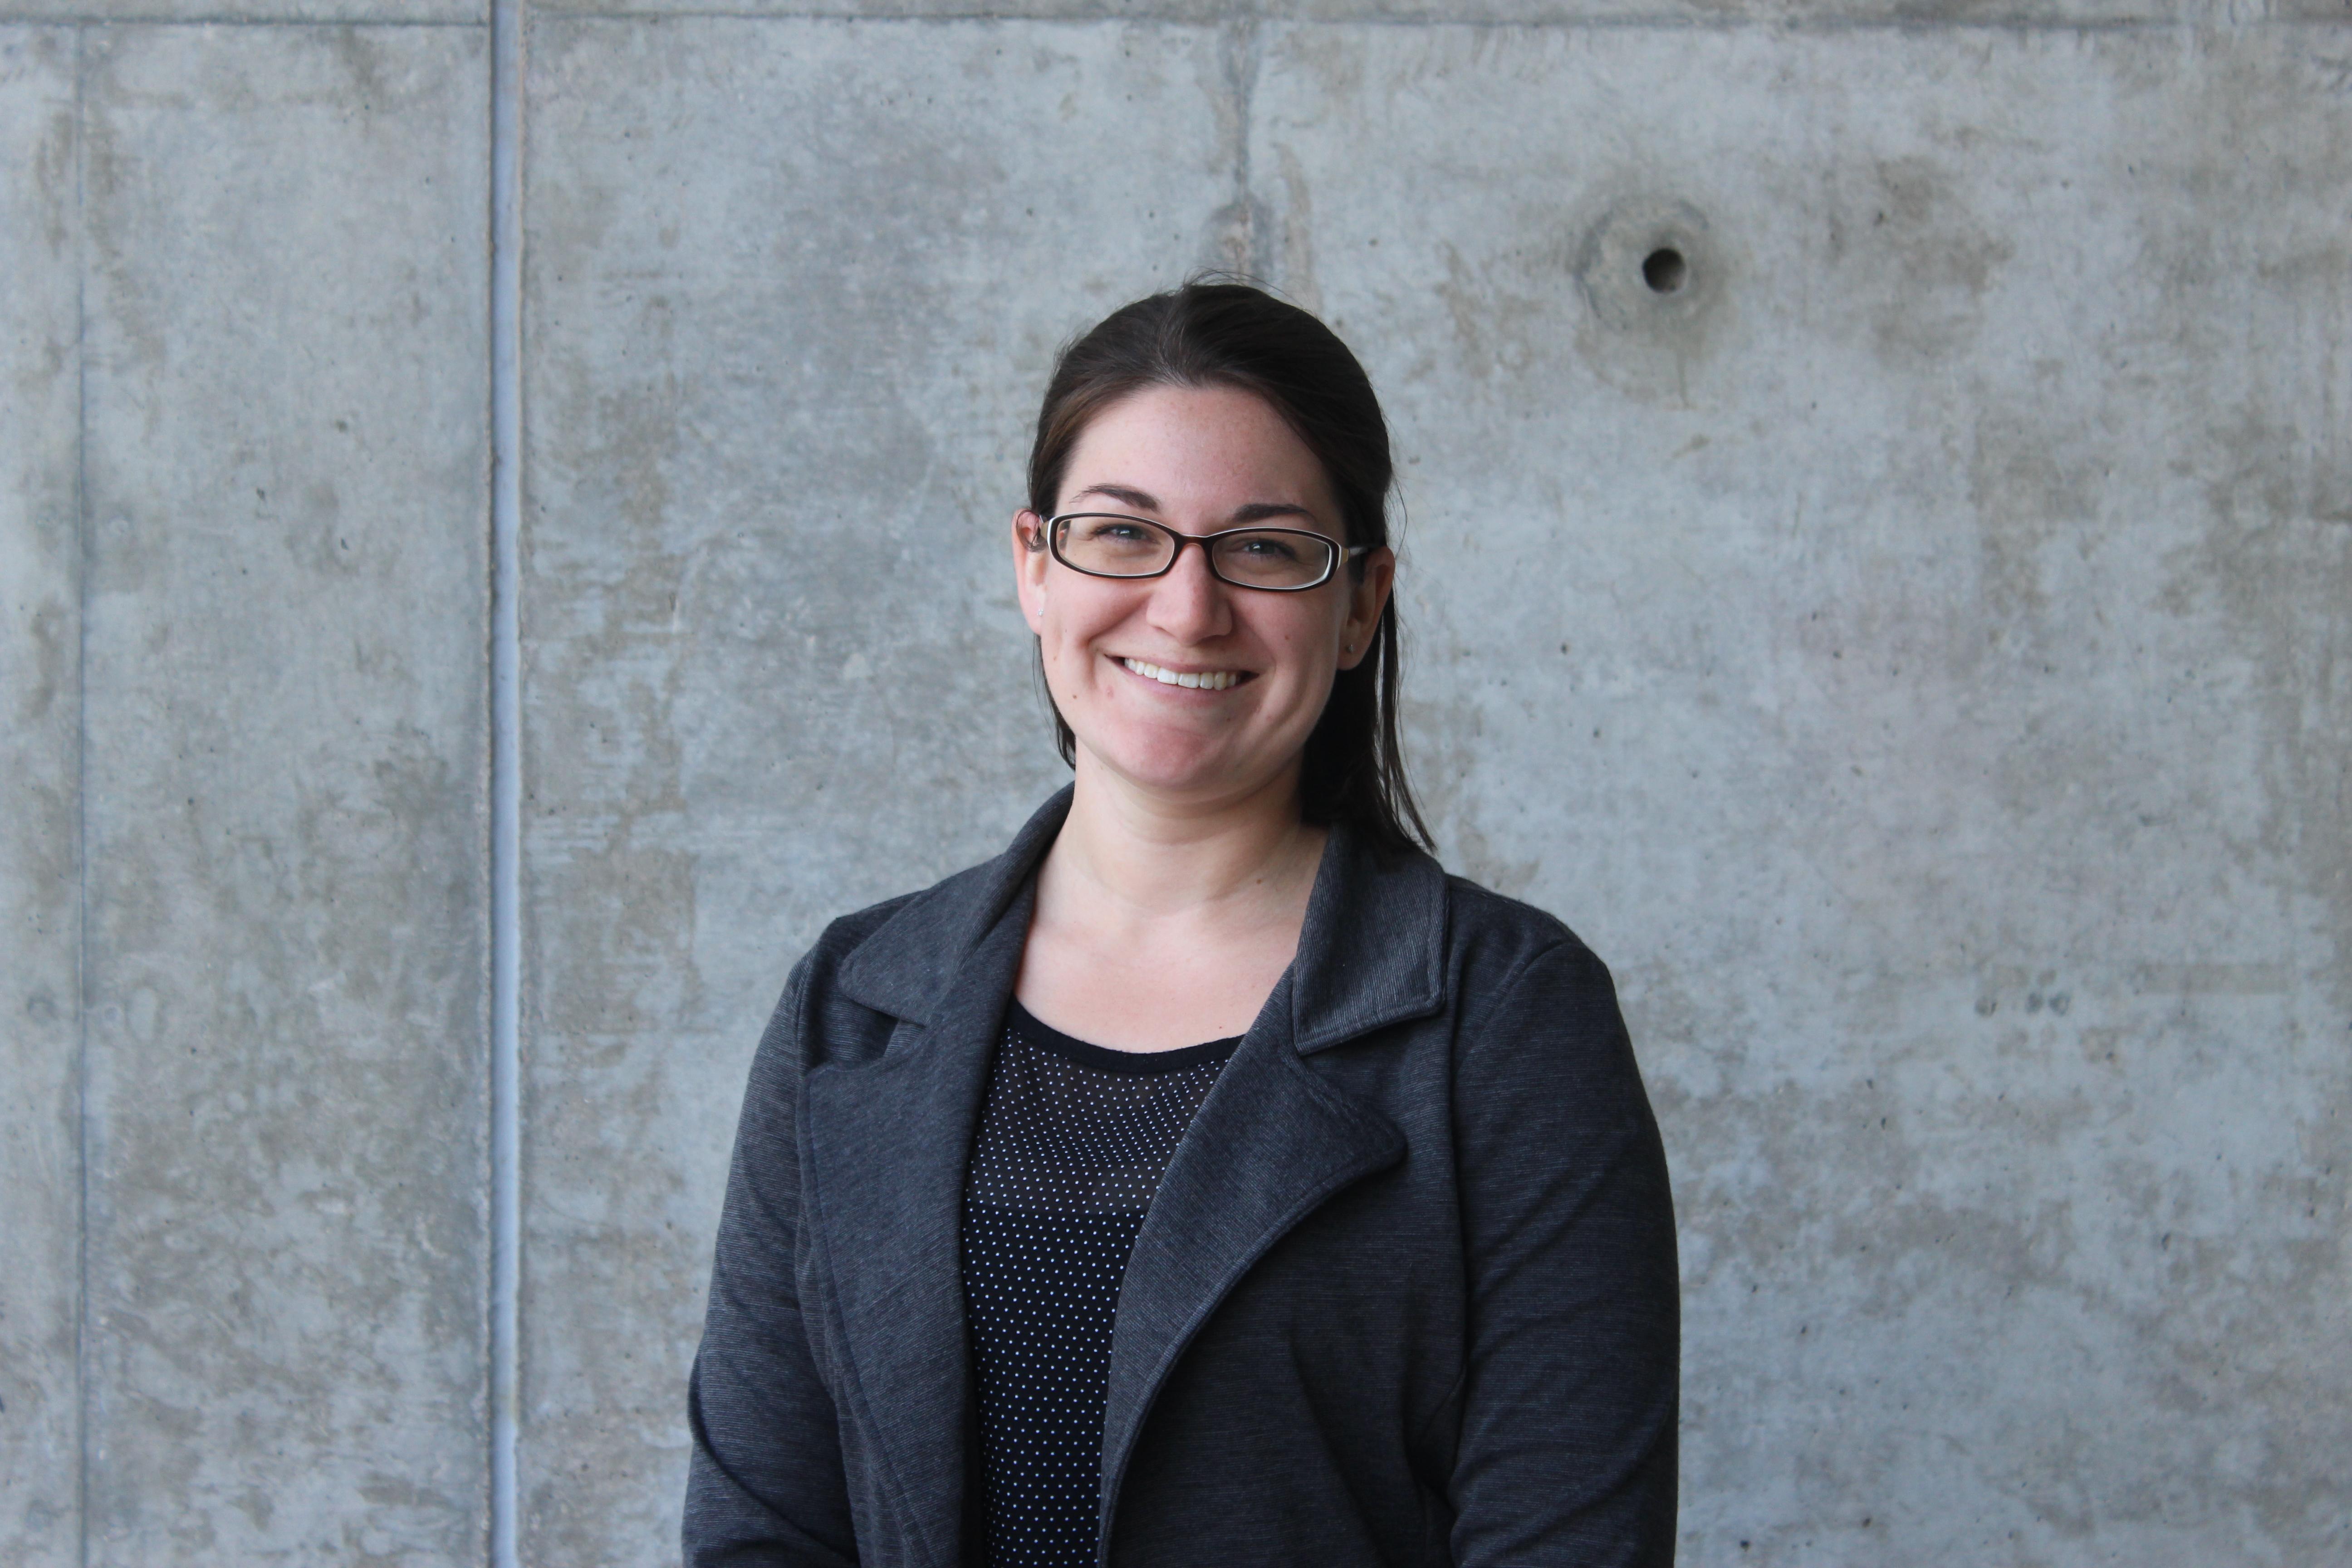 Portrait of Emily Finan